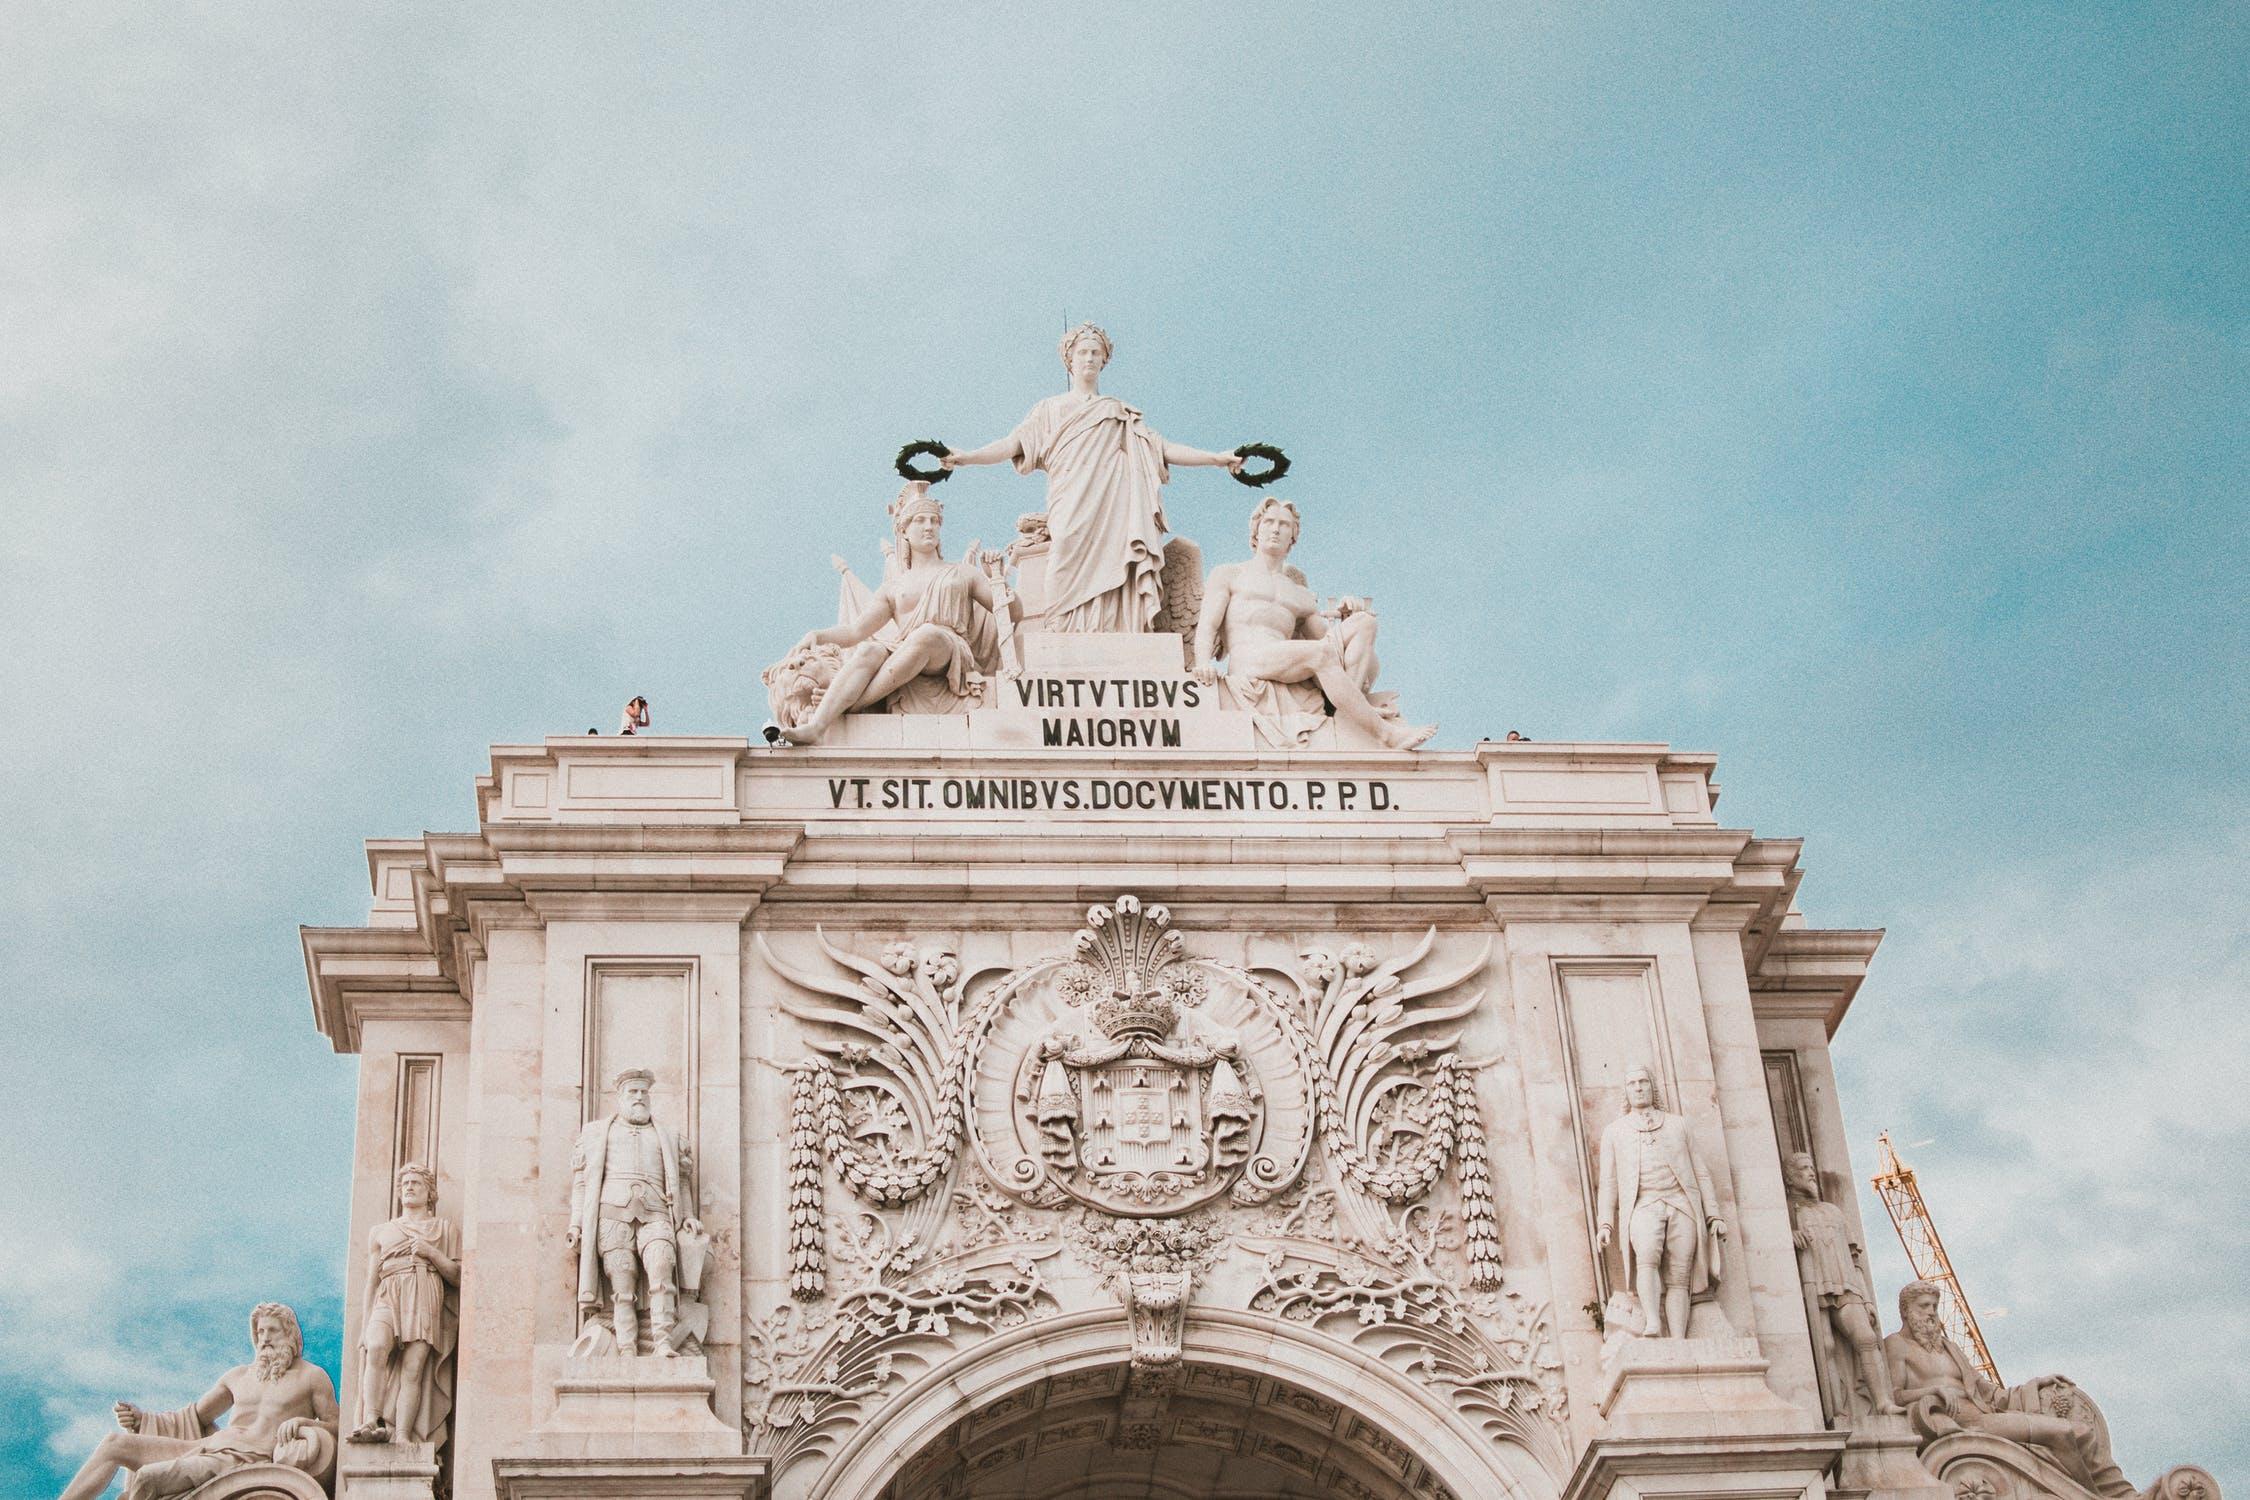 Portugal – Historia, Cultura y Arquitectura